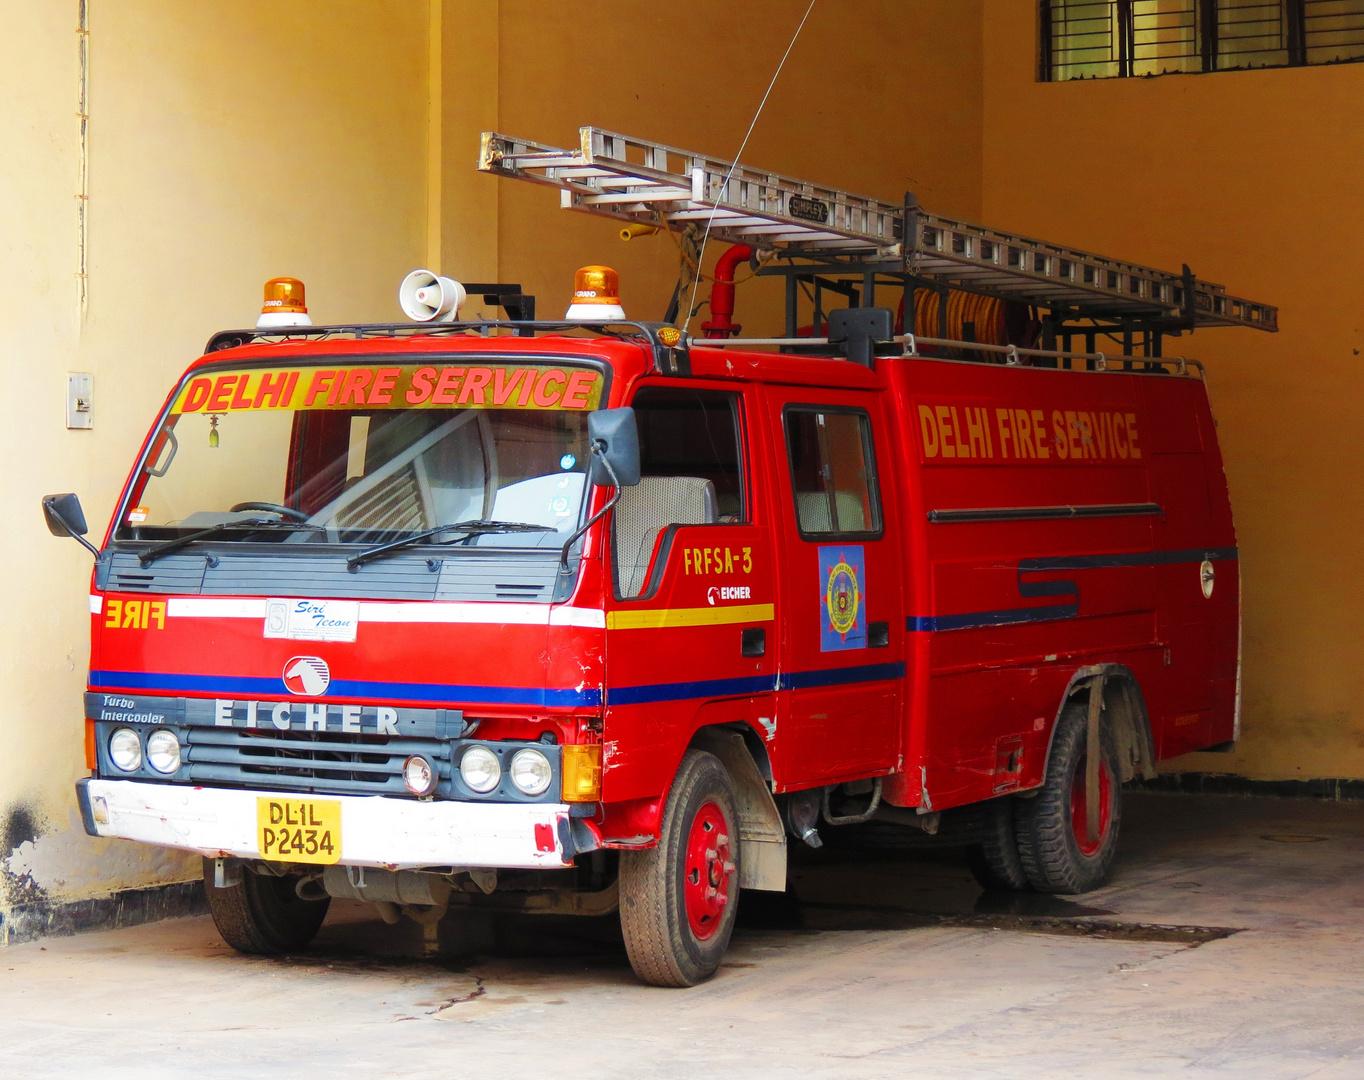 Feuerservice In Delhi